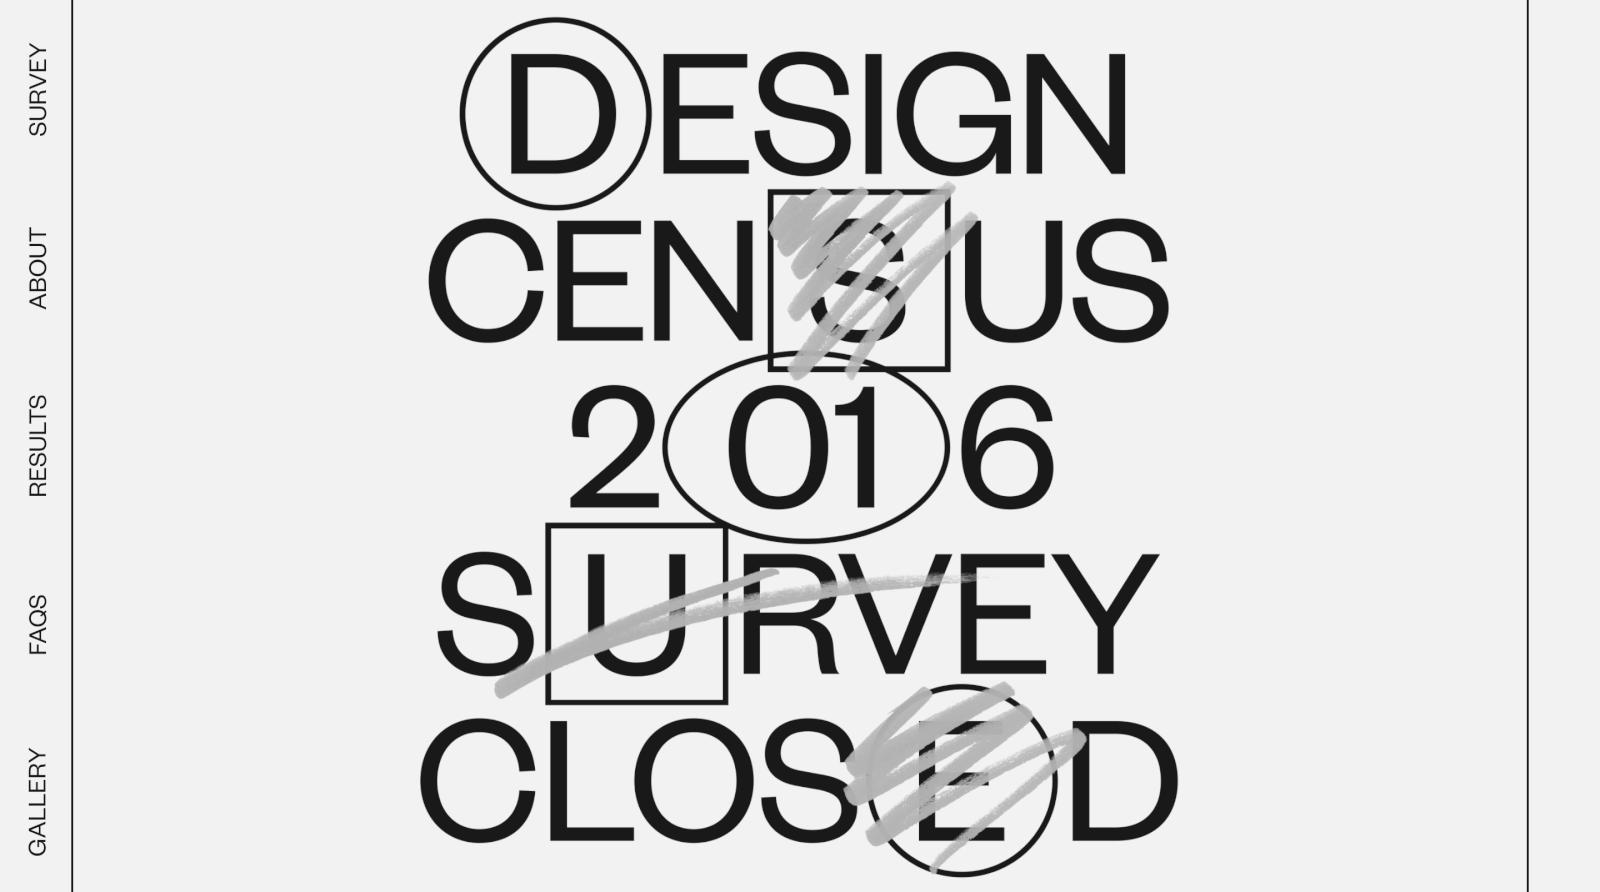 3_design_census